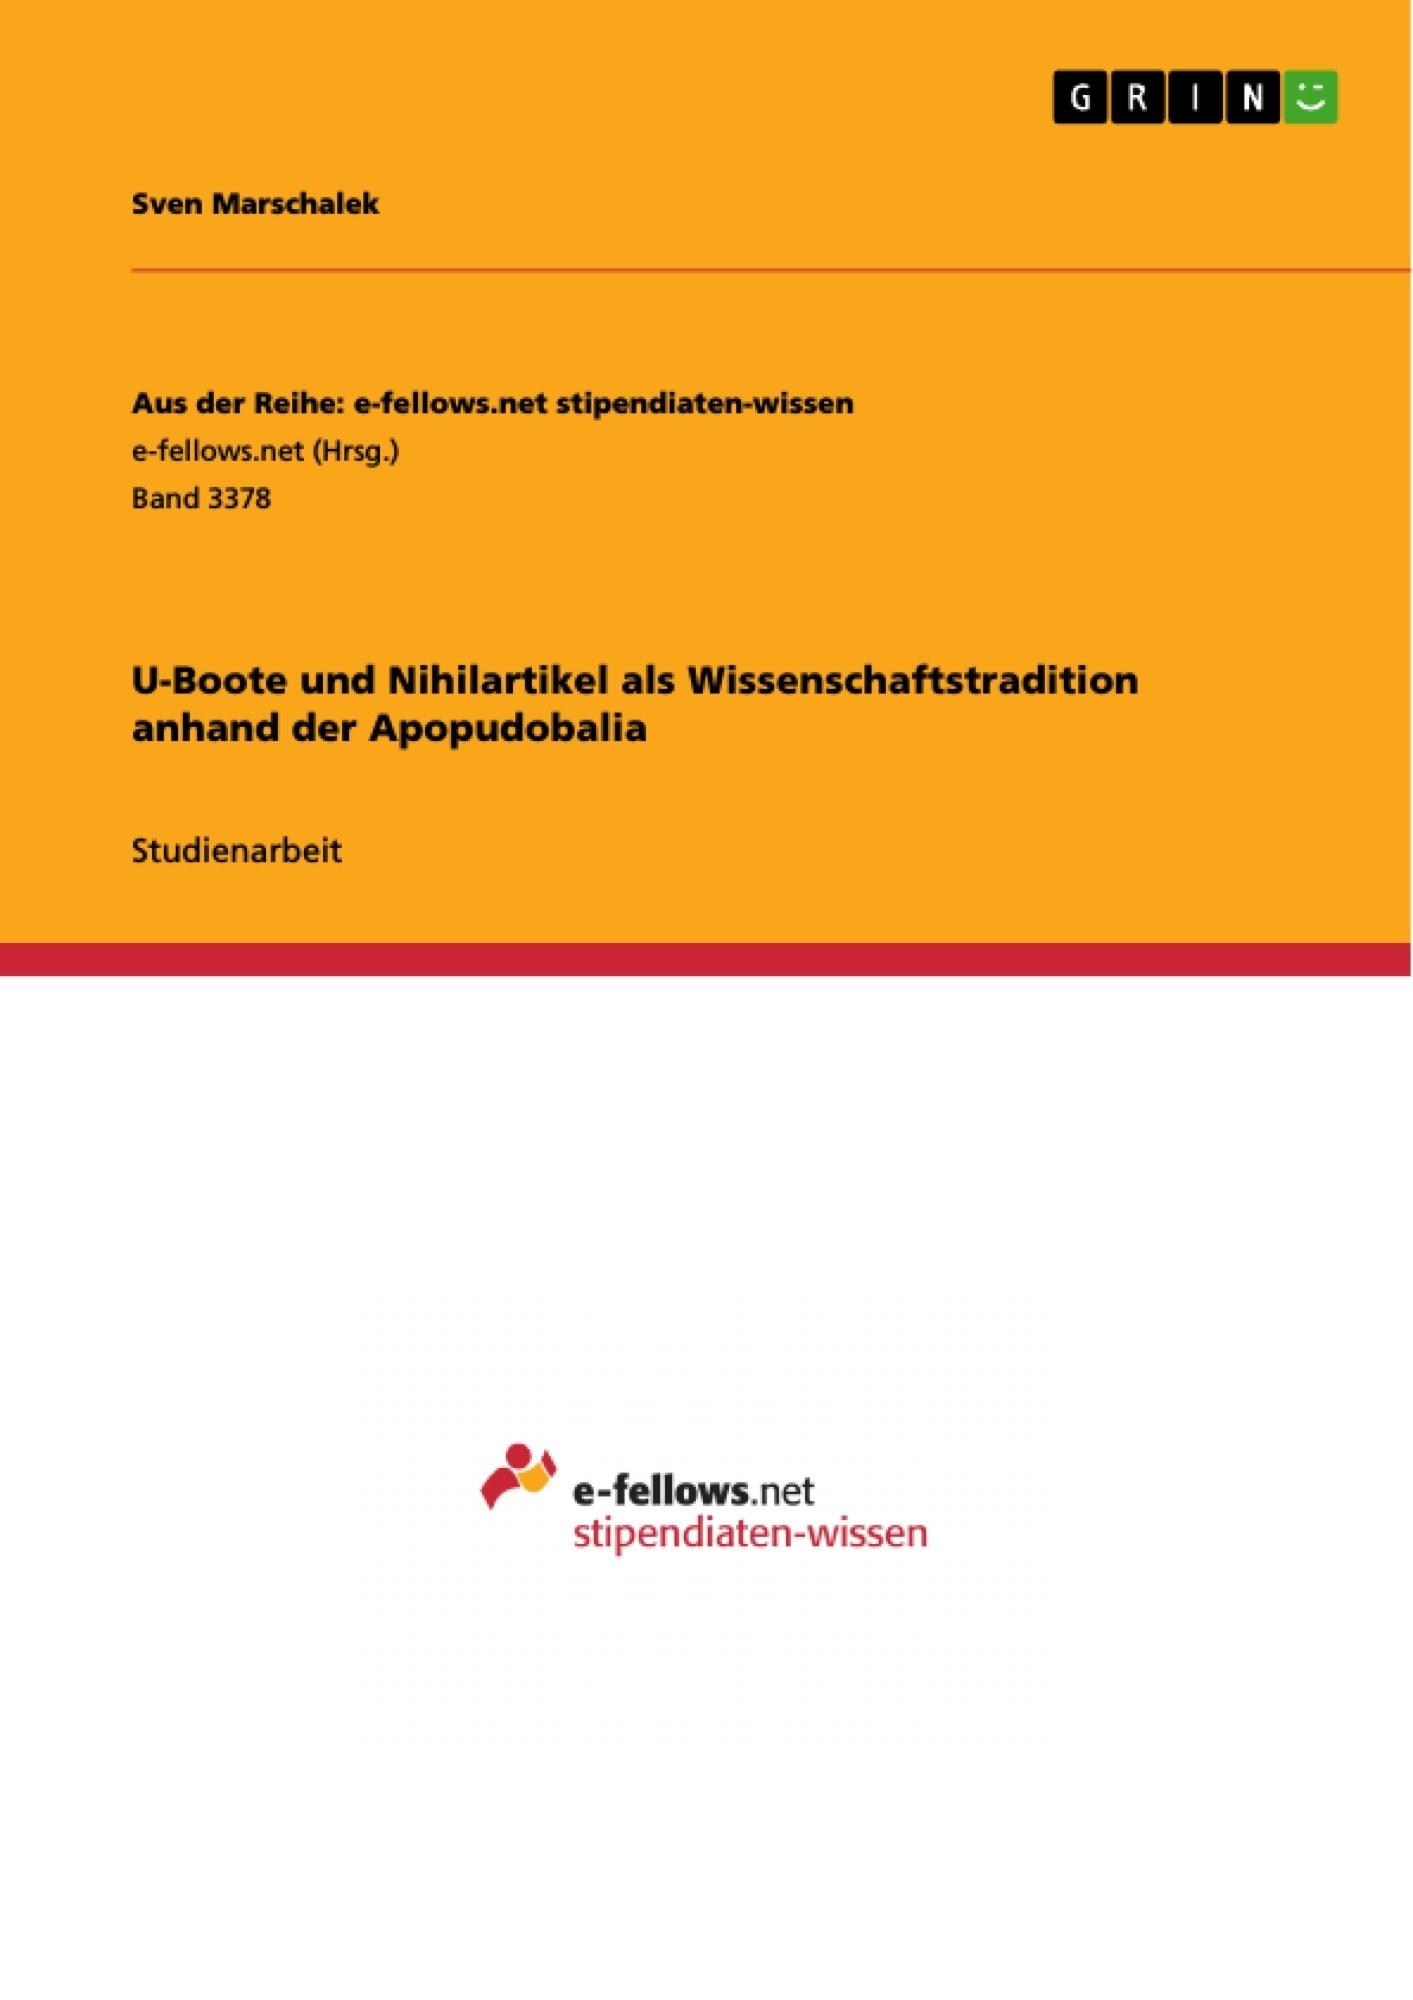 Titel: U-Boote und Nihilartikel als Wissenschaftstradition anhand der Apopudobalia